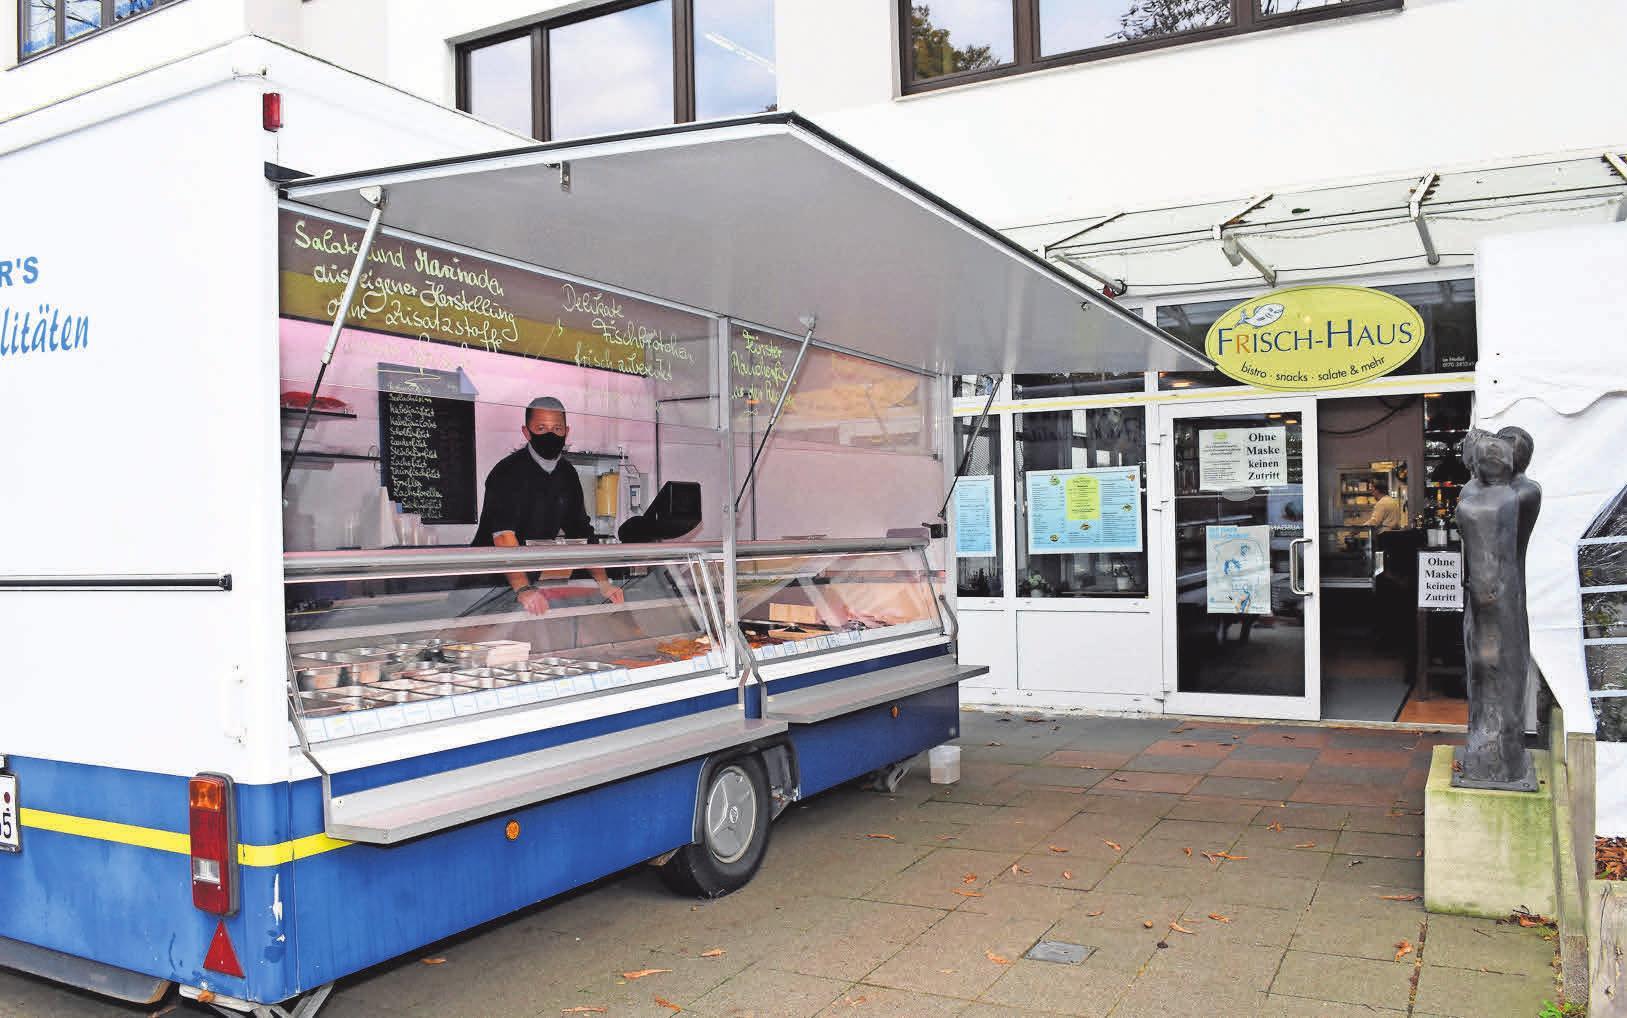 Vor dem Fischbistro steht seit dieser Woche der Wagen, aus dem Timm Schaller frischen Fisch verkauft. Fotos: Bode